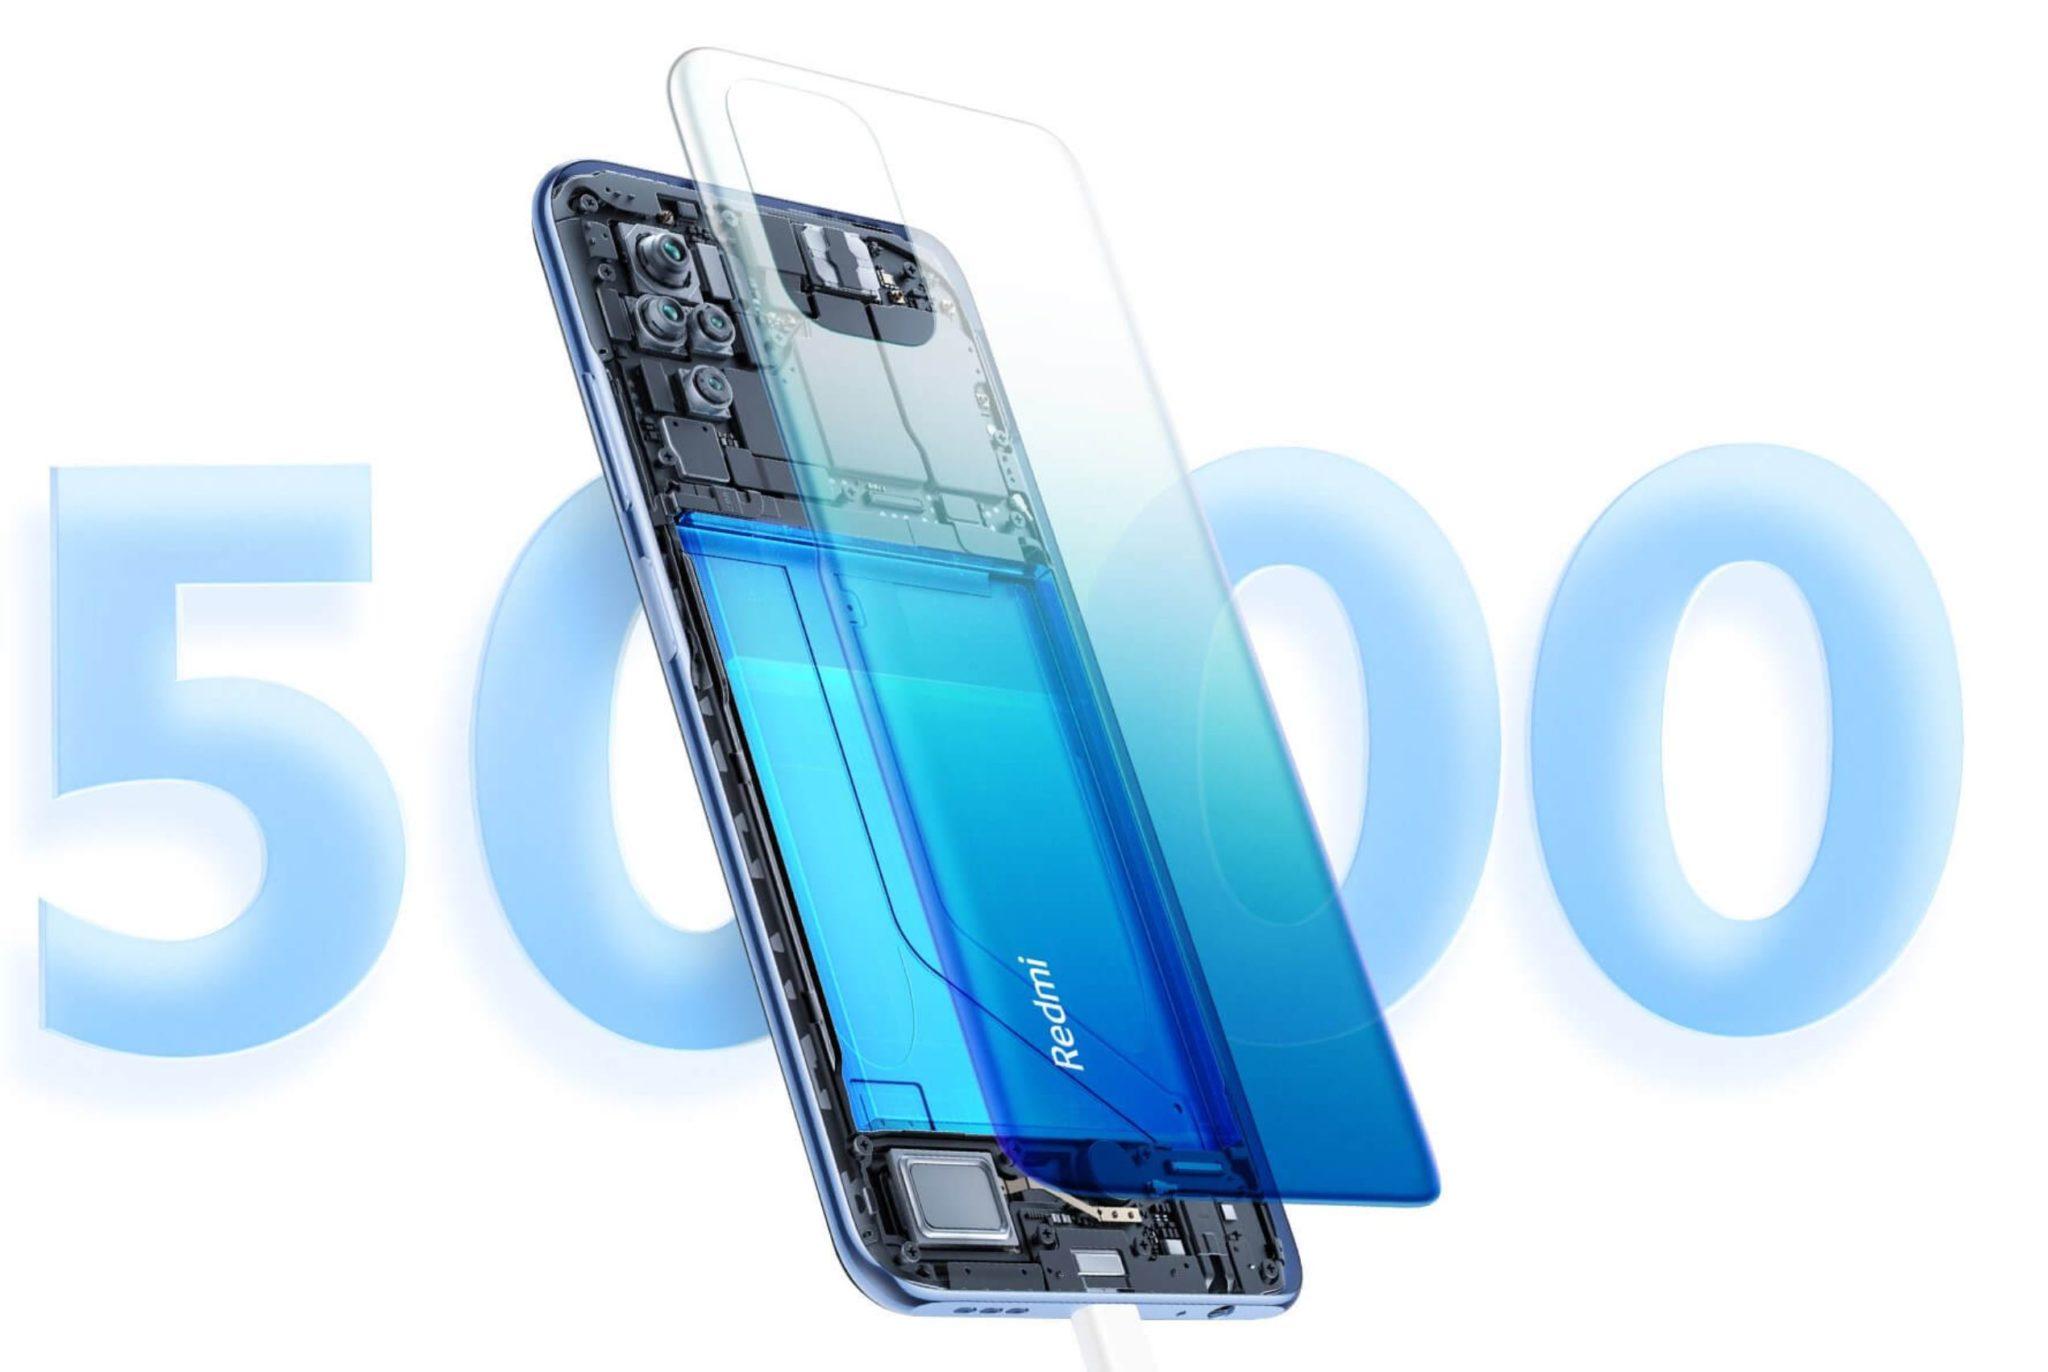 Najpopularniejsze smartfony do 1000 zł w ofercie RTV Euro AGD (TOP 10) - Xiaomi Redmi Note 10S - pojemność baterii